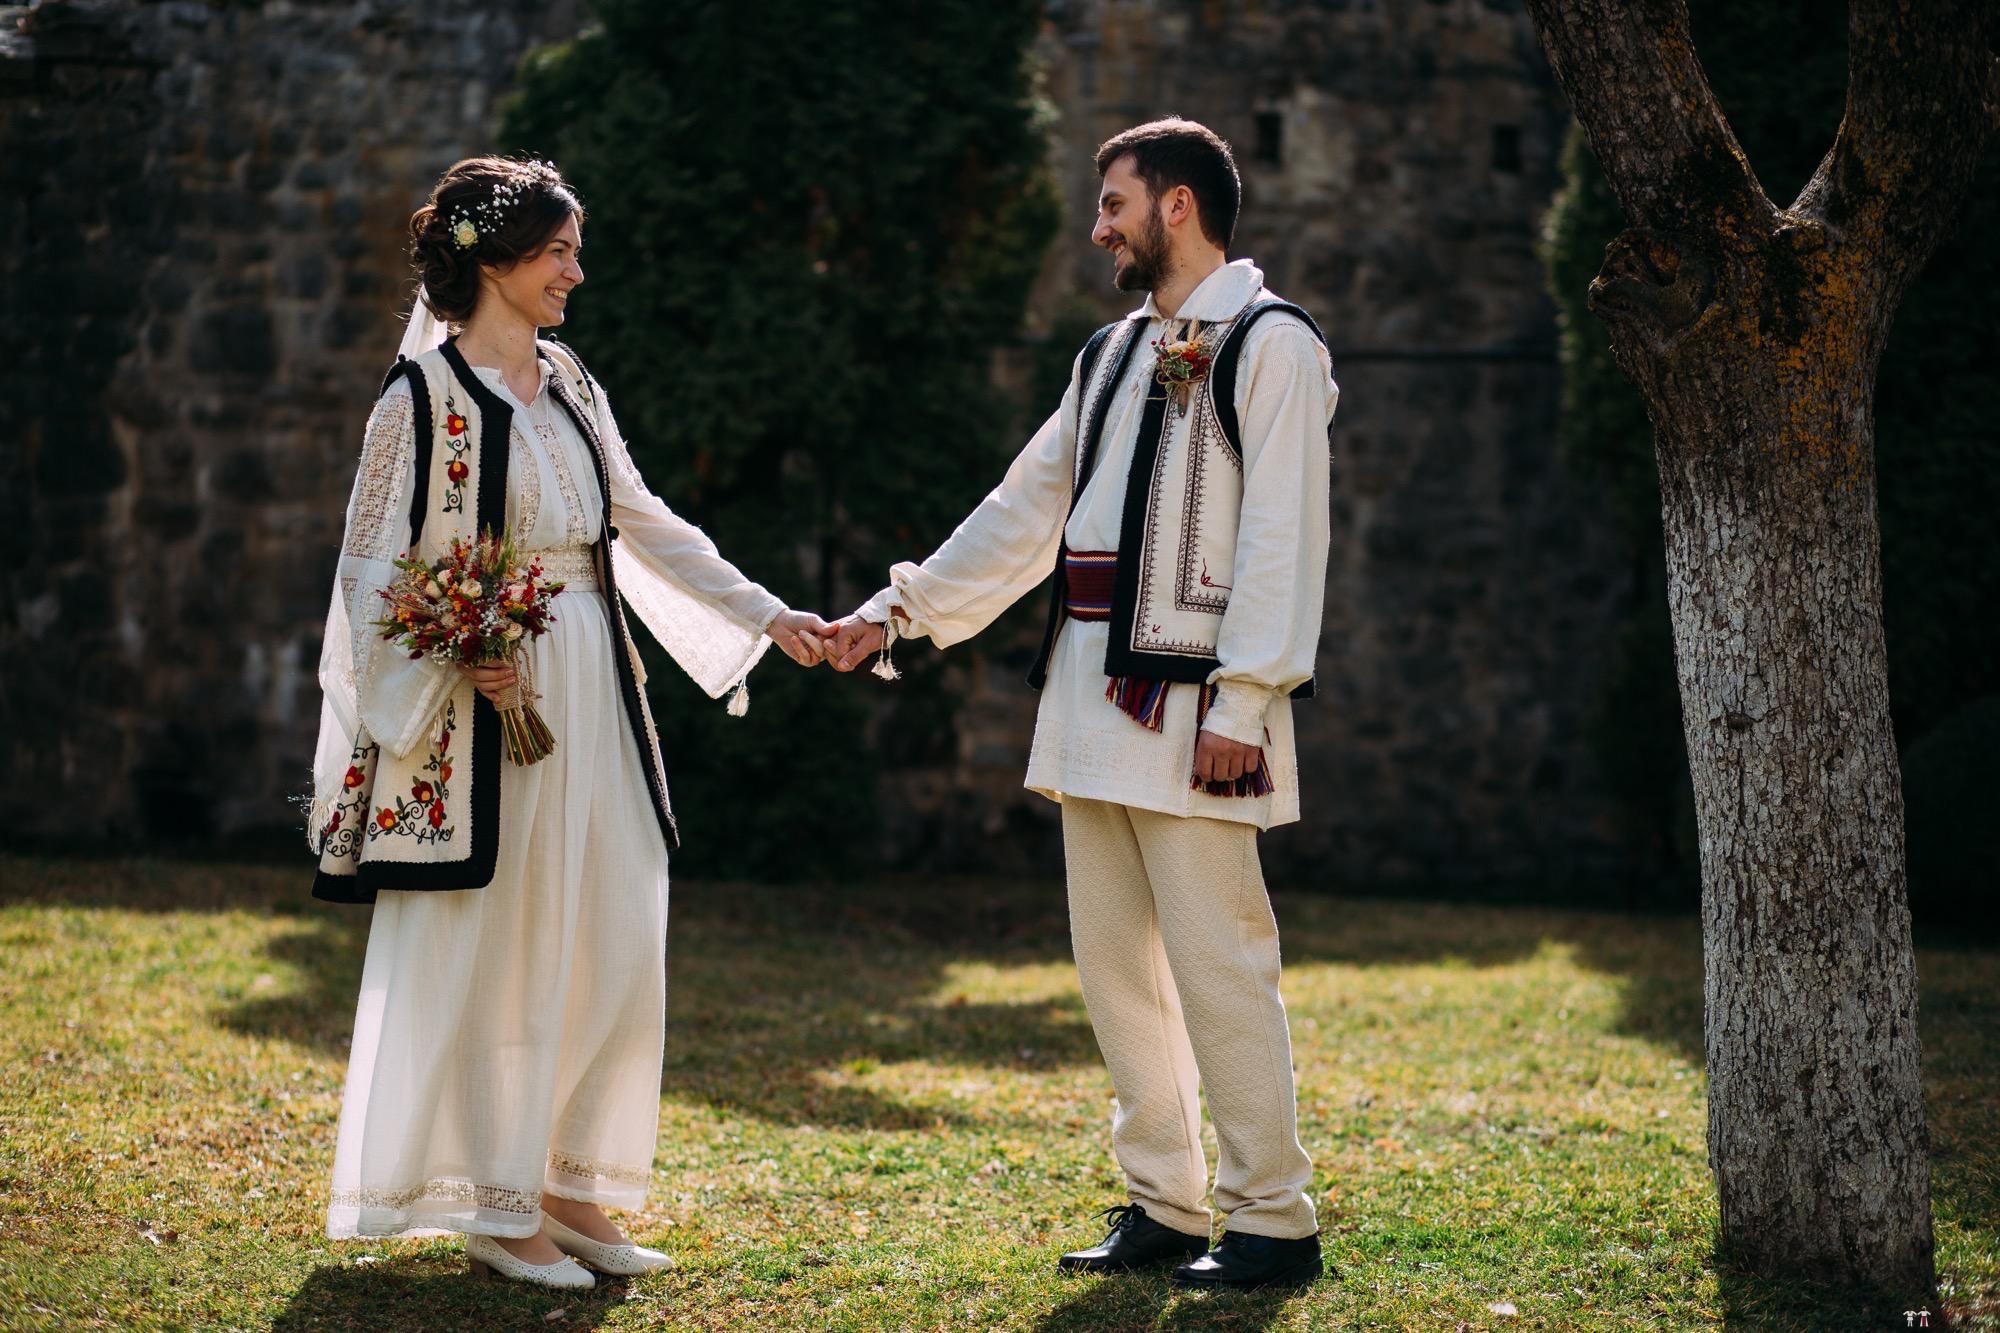 Povești Nunți Tradiționale - Gabriela și Adrian. Nuntă tradițională în Piatra Neamț 6